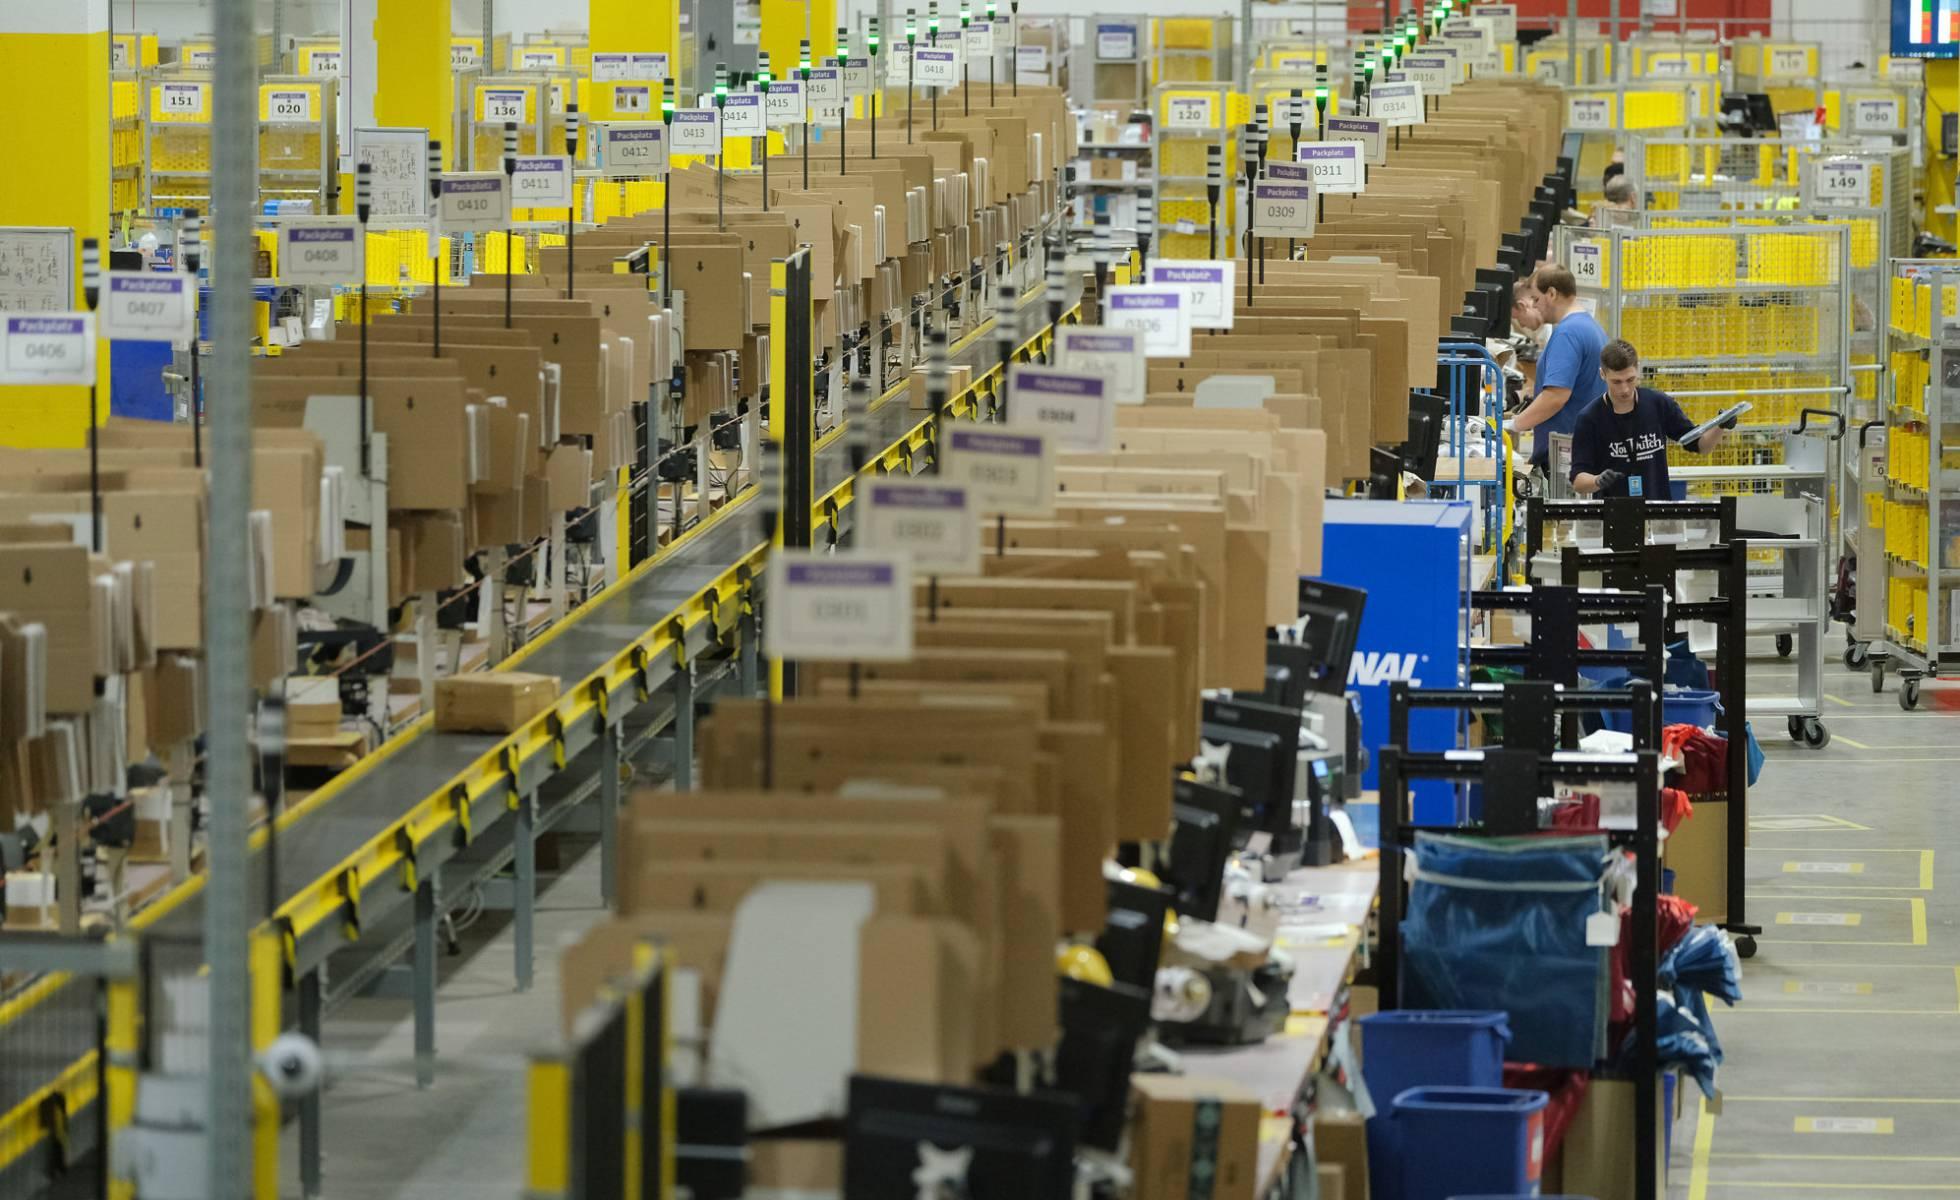 La Justicia europea advierte a Amazon: debe supervisar la legalidad de sus productos